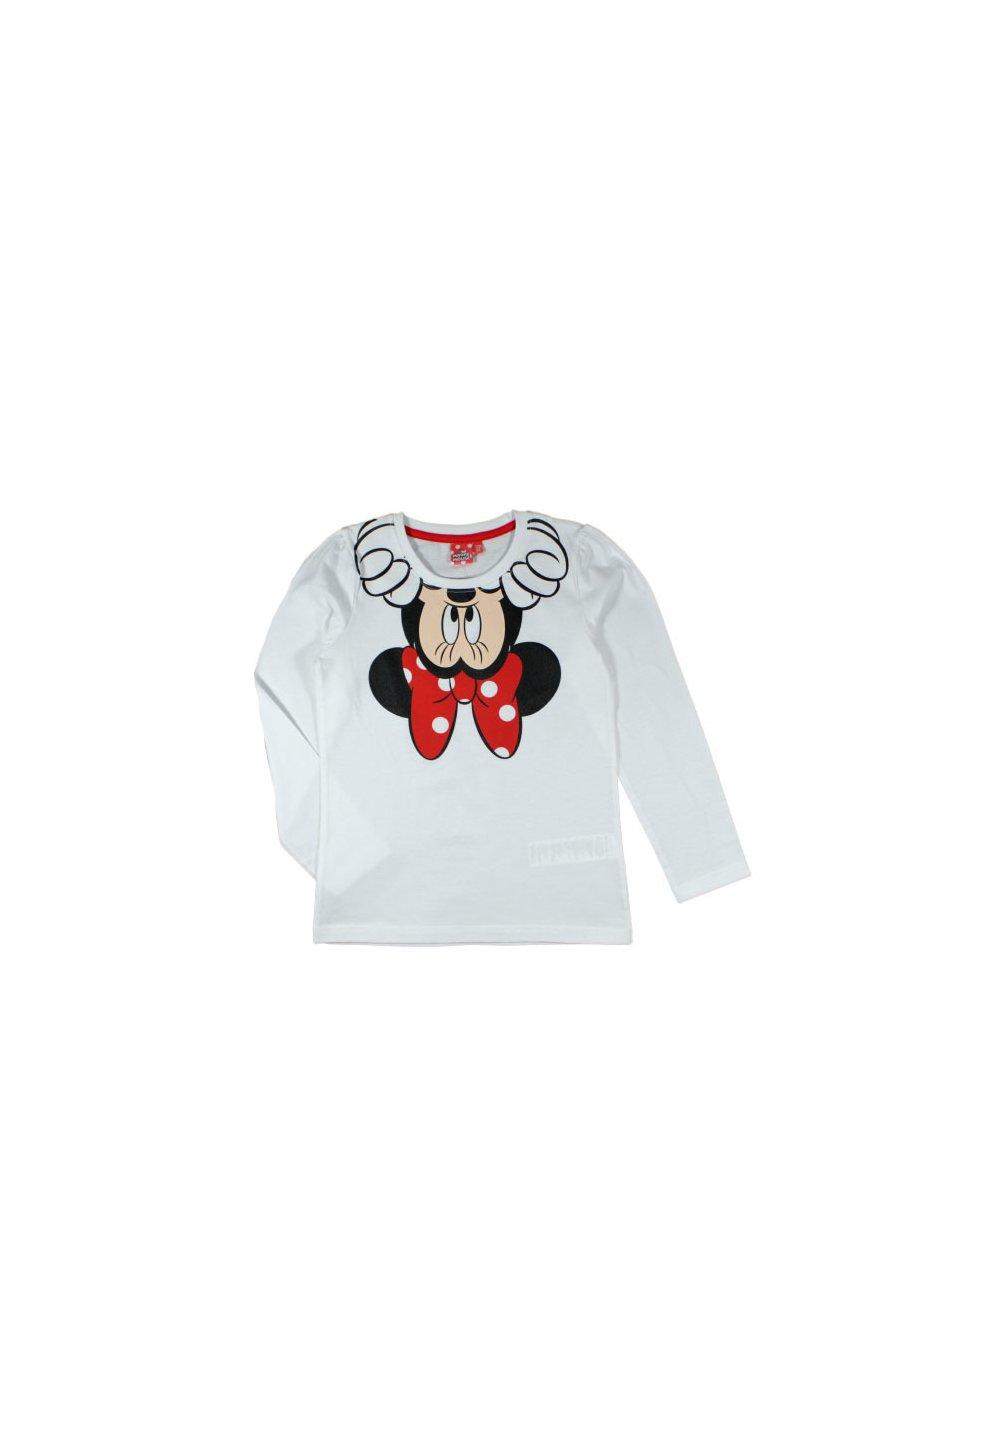 Bluza alba, Minnie Mouse cu fundita rosie imagine